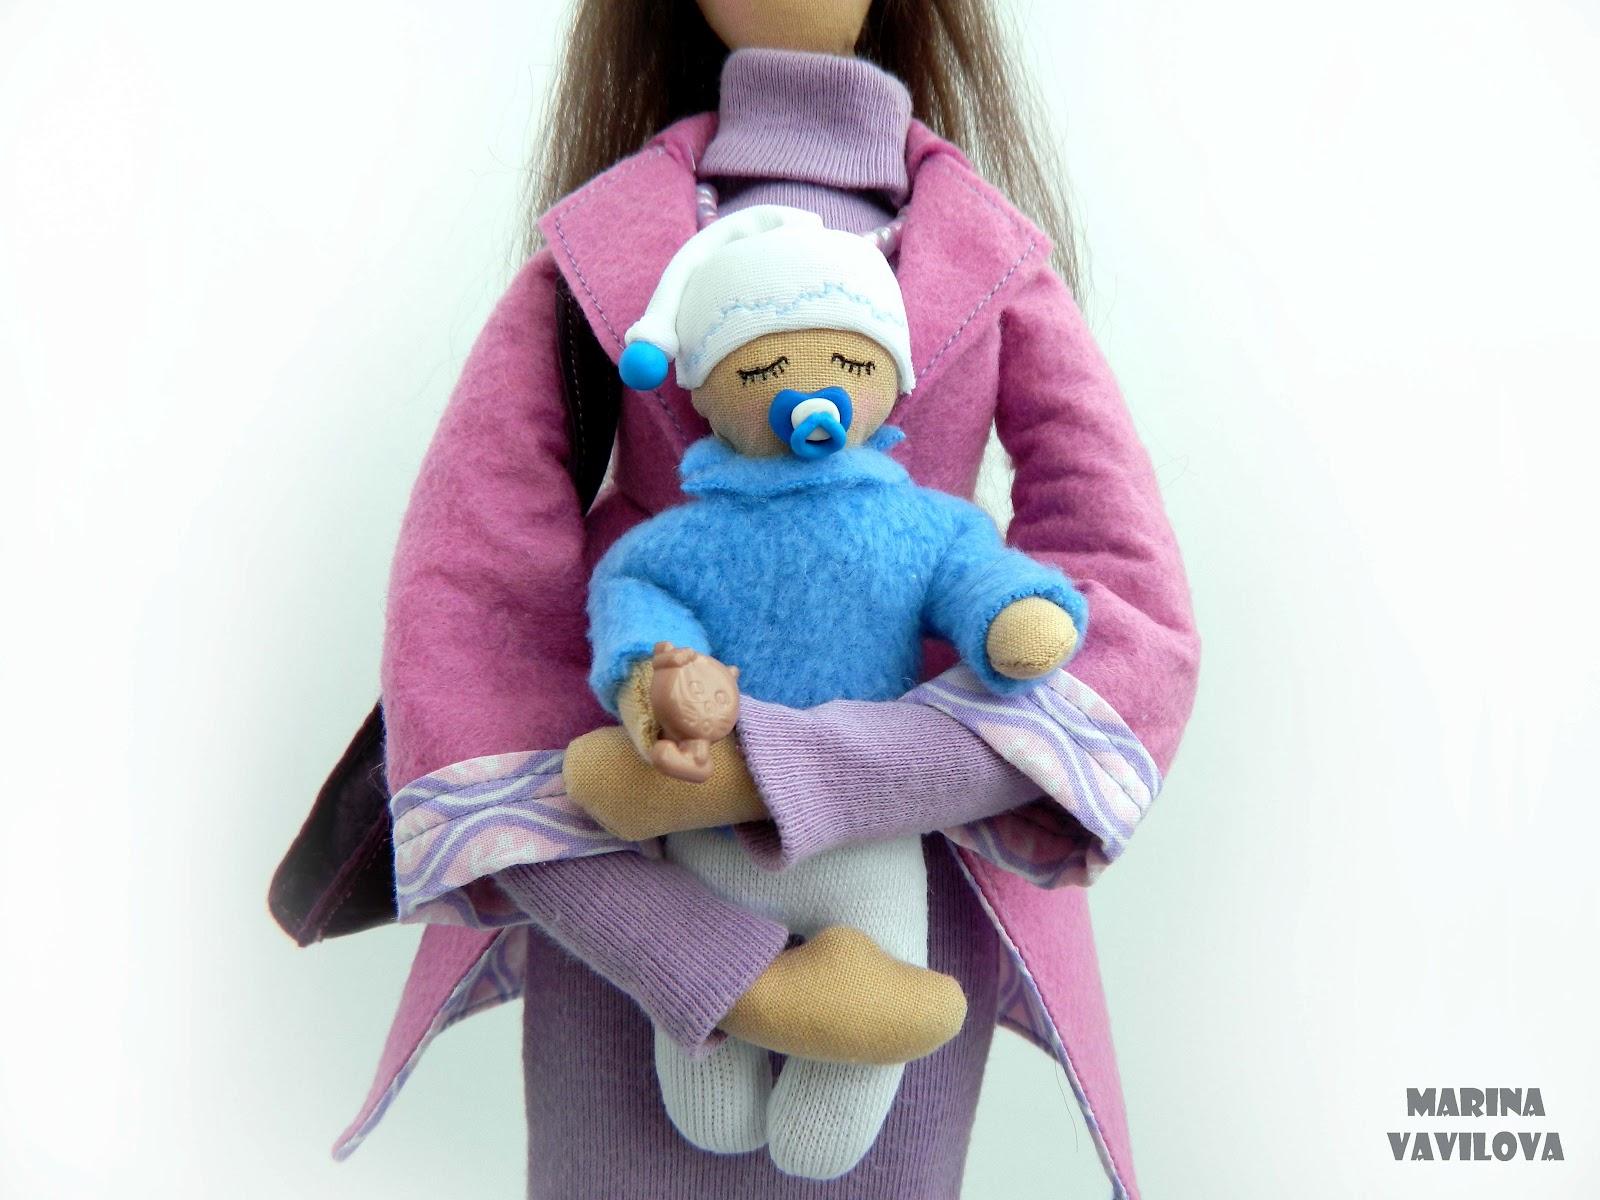 Как самой сшить куклу своими руками: выкройки, мастер класс 87